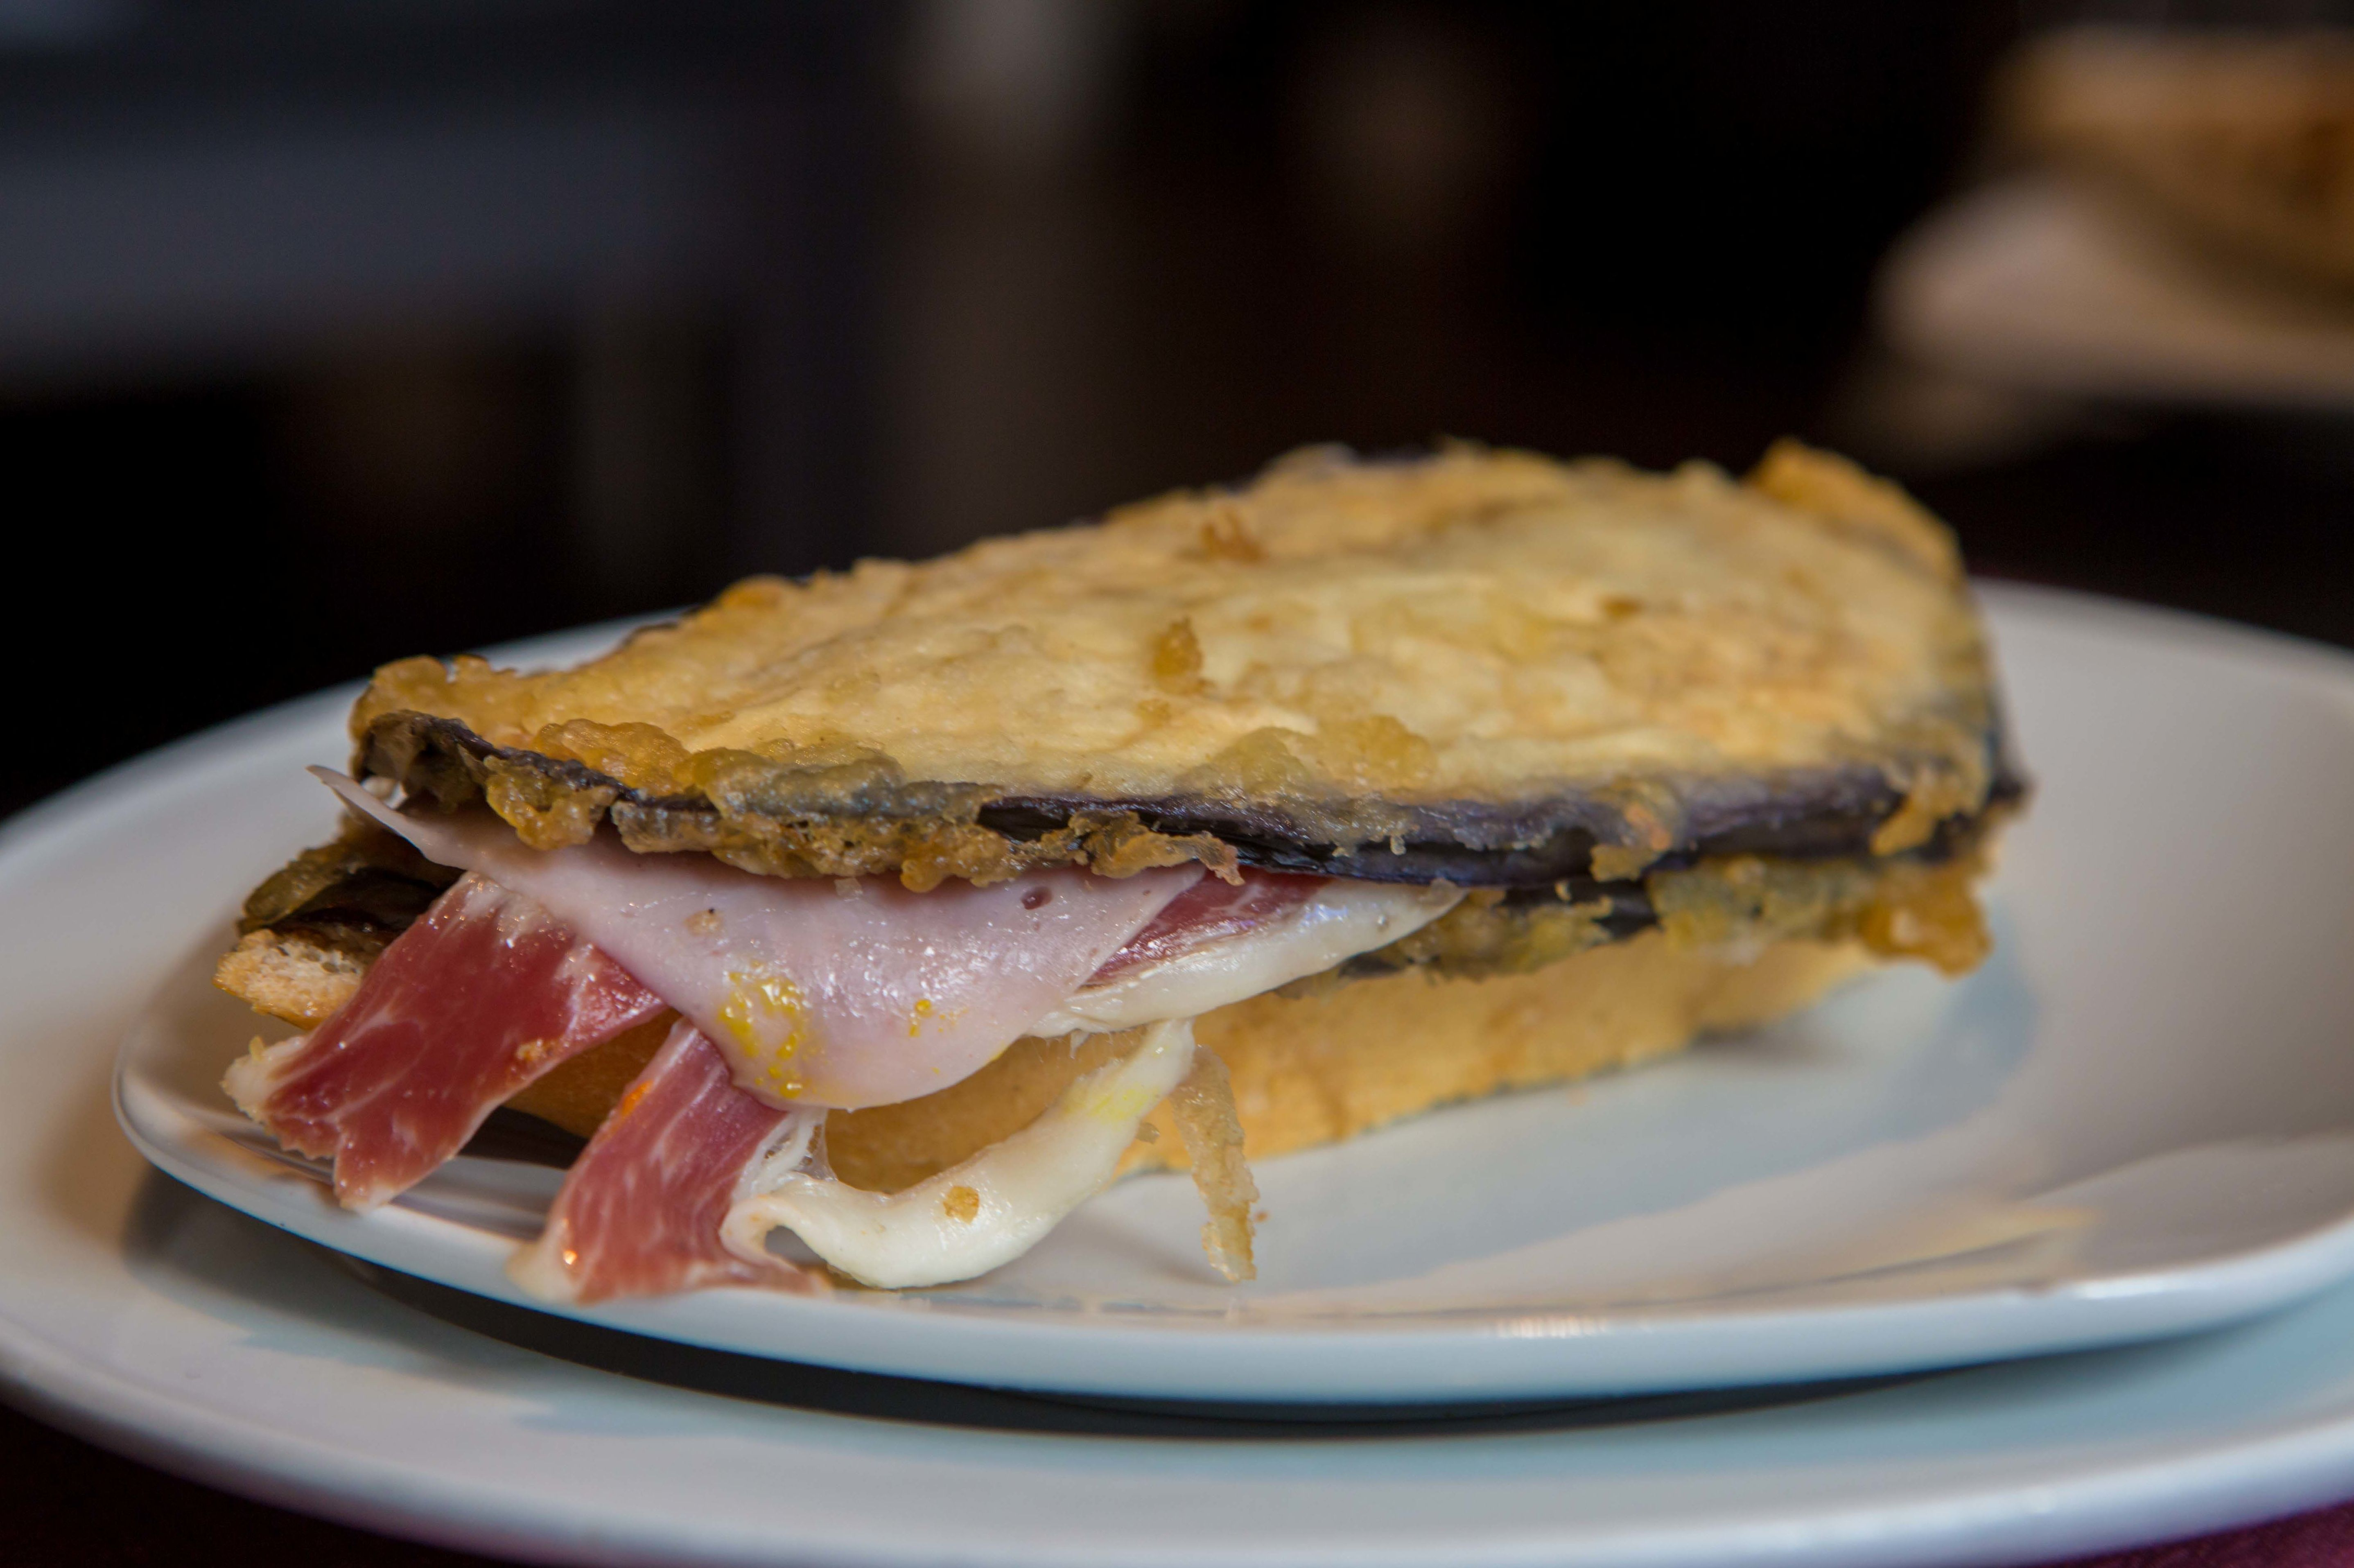 Pincho de berenjenas rebozadas con queso, paletilla ibérica, pechuga de pavo y pimiento verde